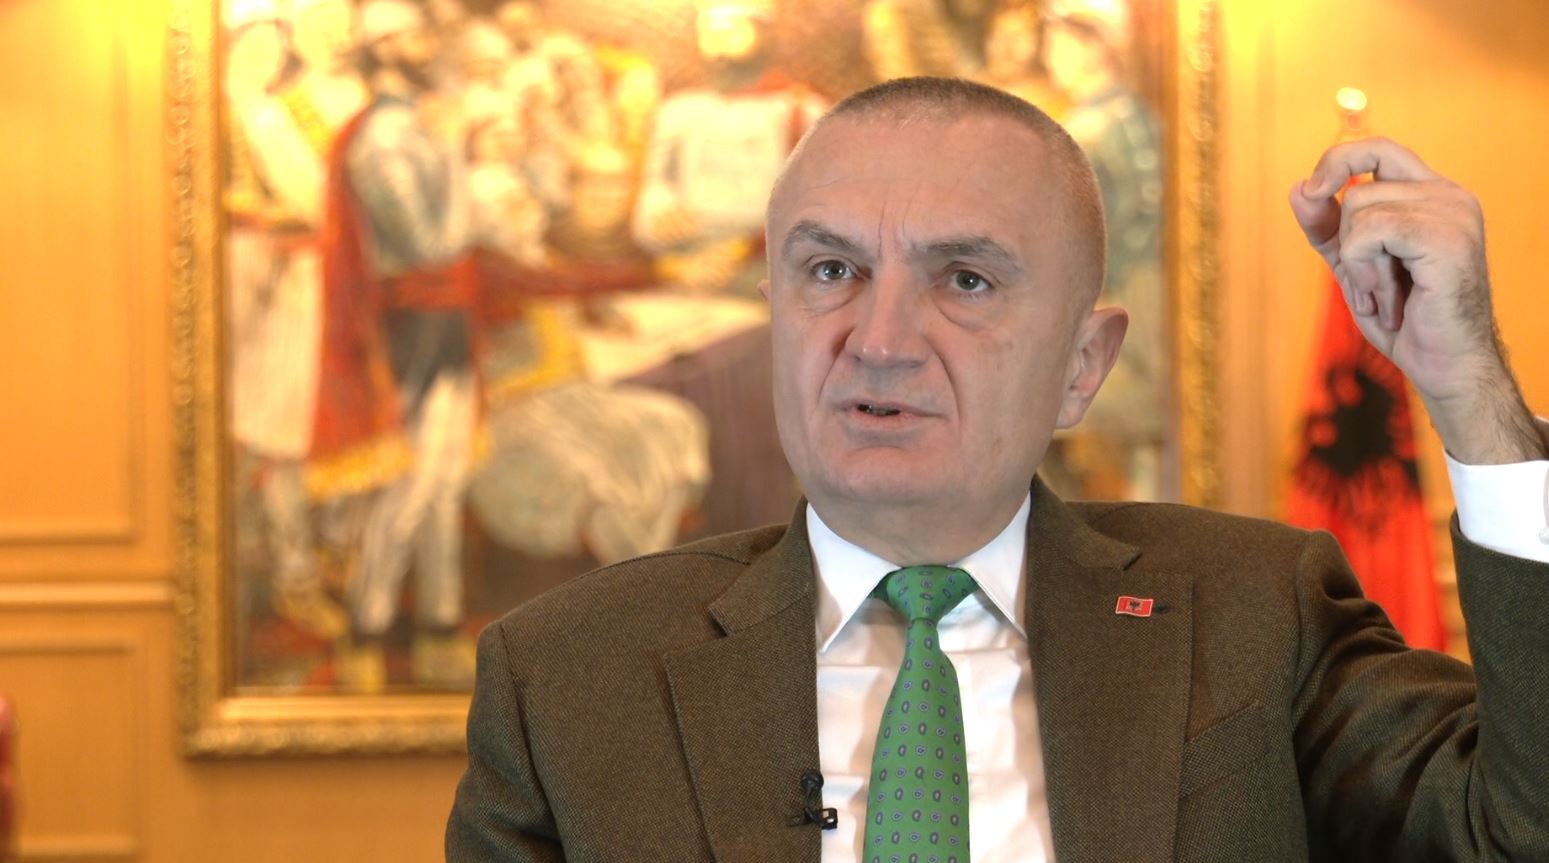 SHKARKIMI/ Meta në Abc News: Nuk ka asnjë fuqi në botë të më bëjë presion në raport me Kushtetutën